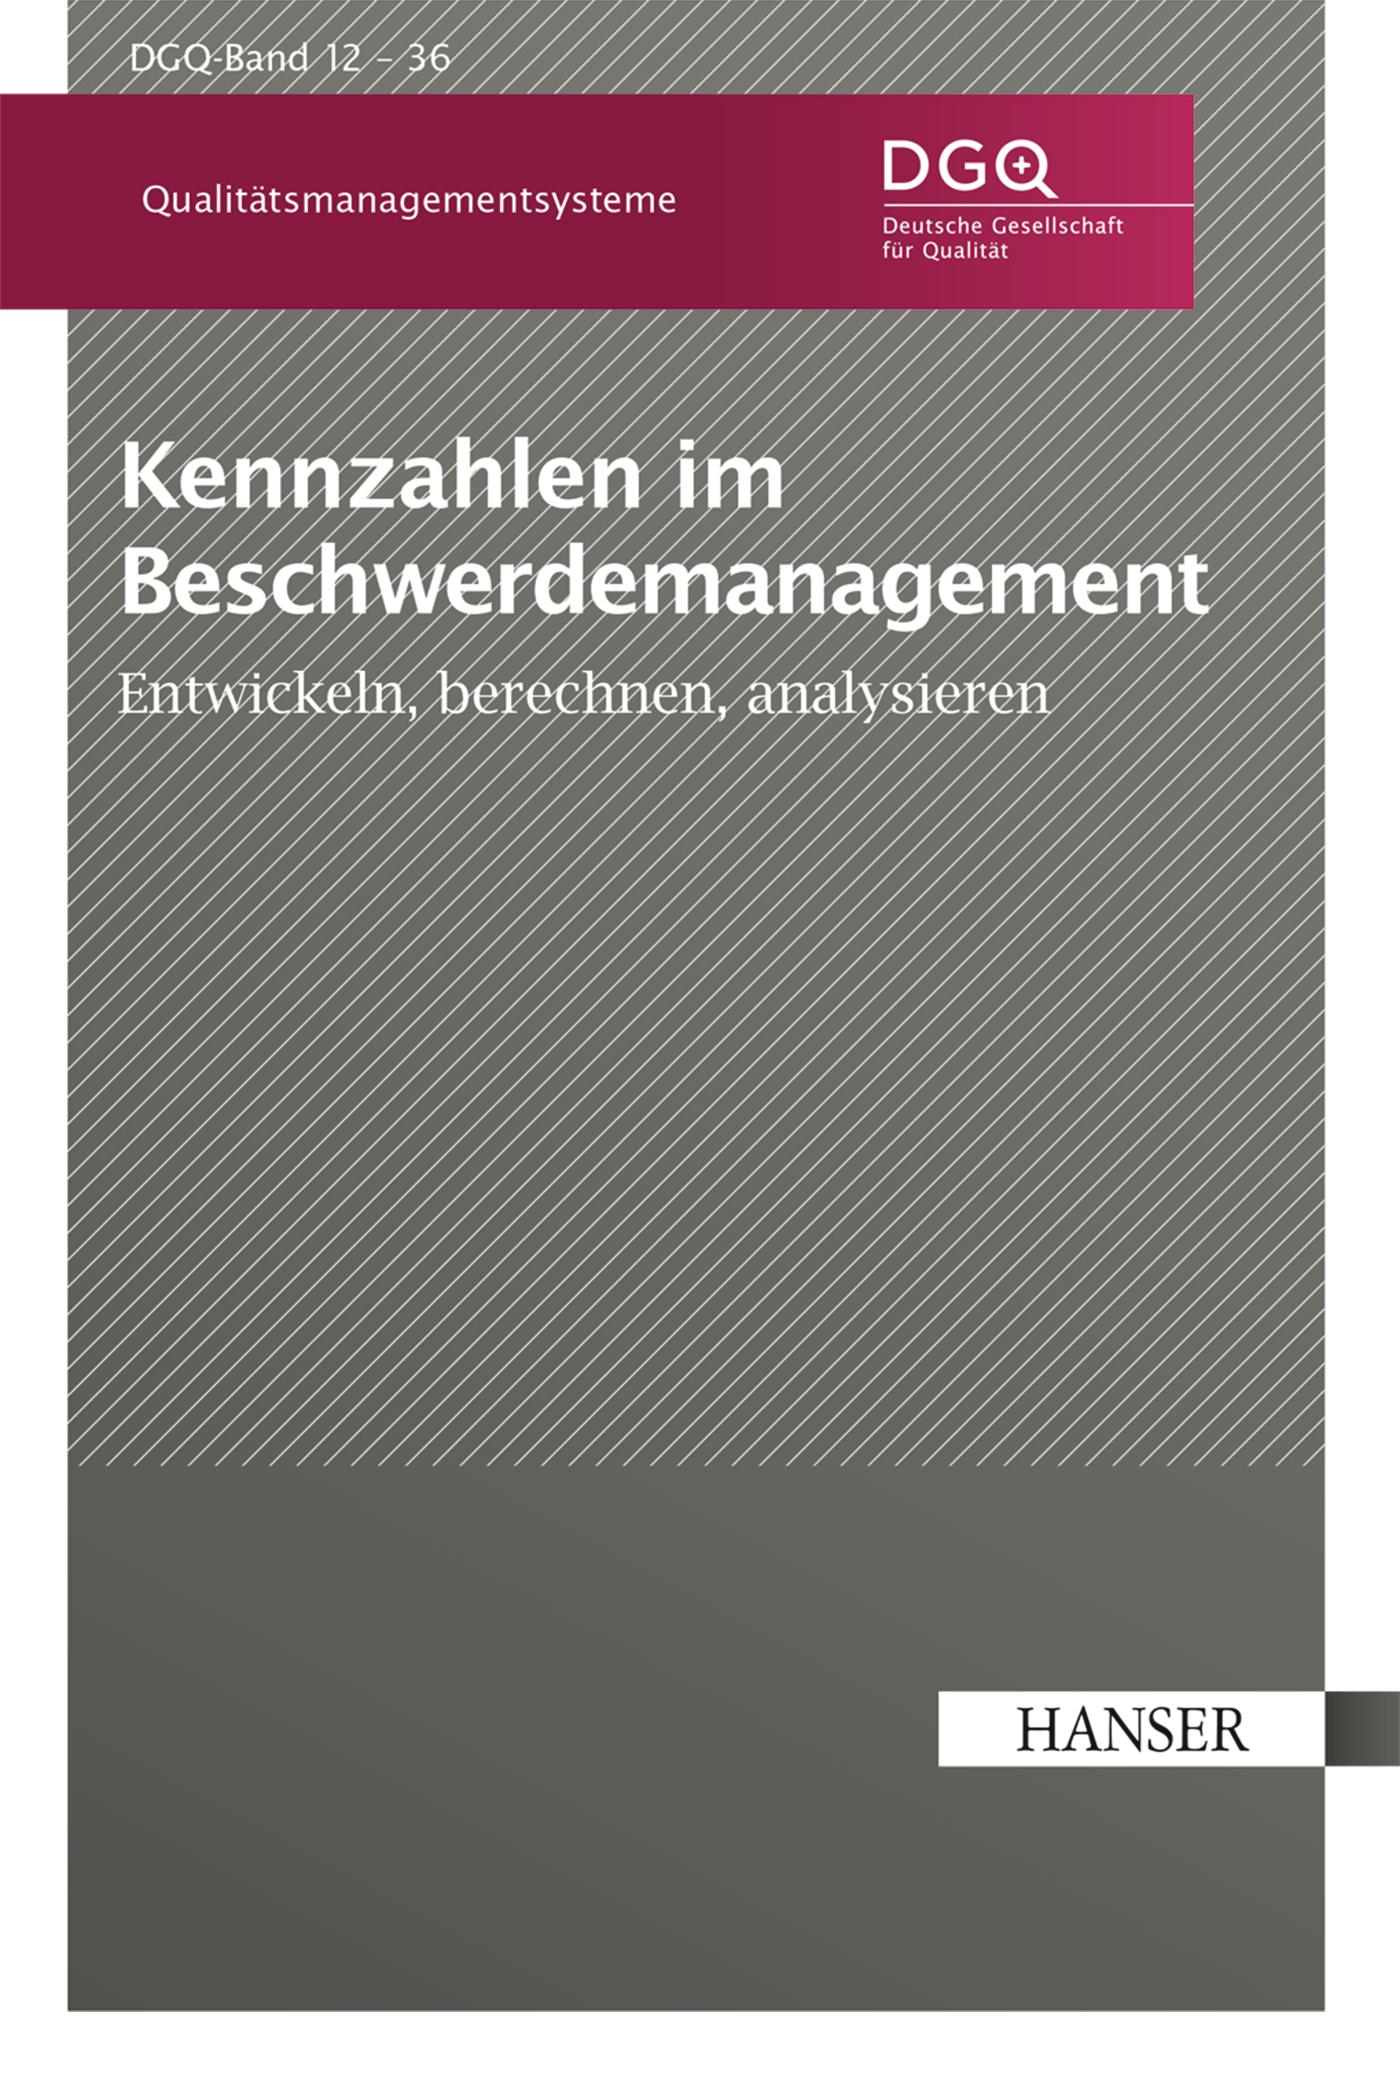 Deutsche Gesellschaft für Qualität e.V., Kennzahlen im Beschwerdemanagement, 978-3-446-44785-1